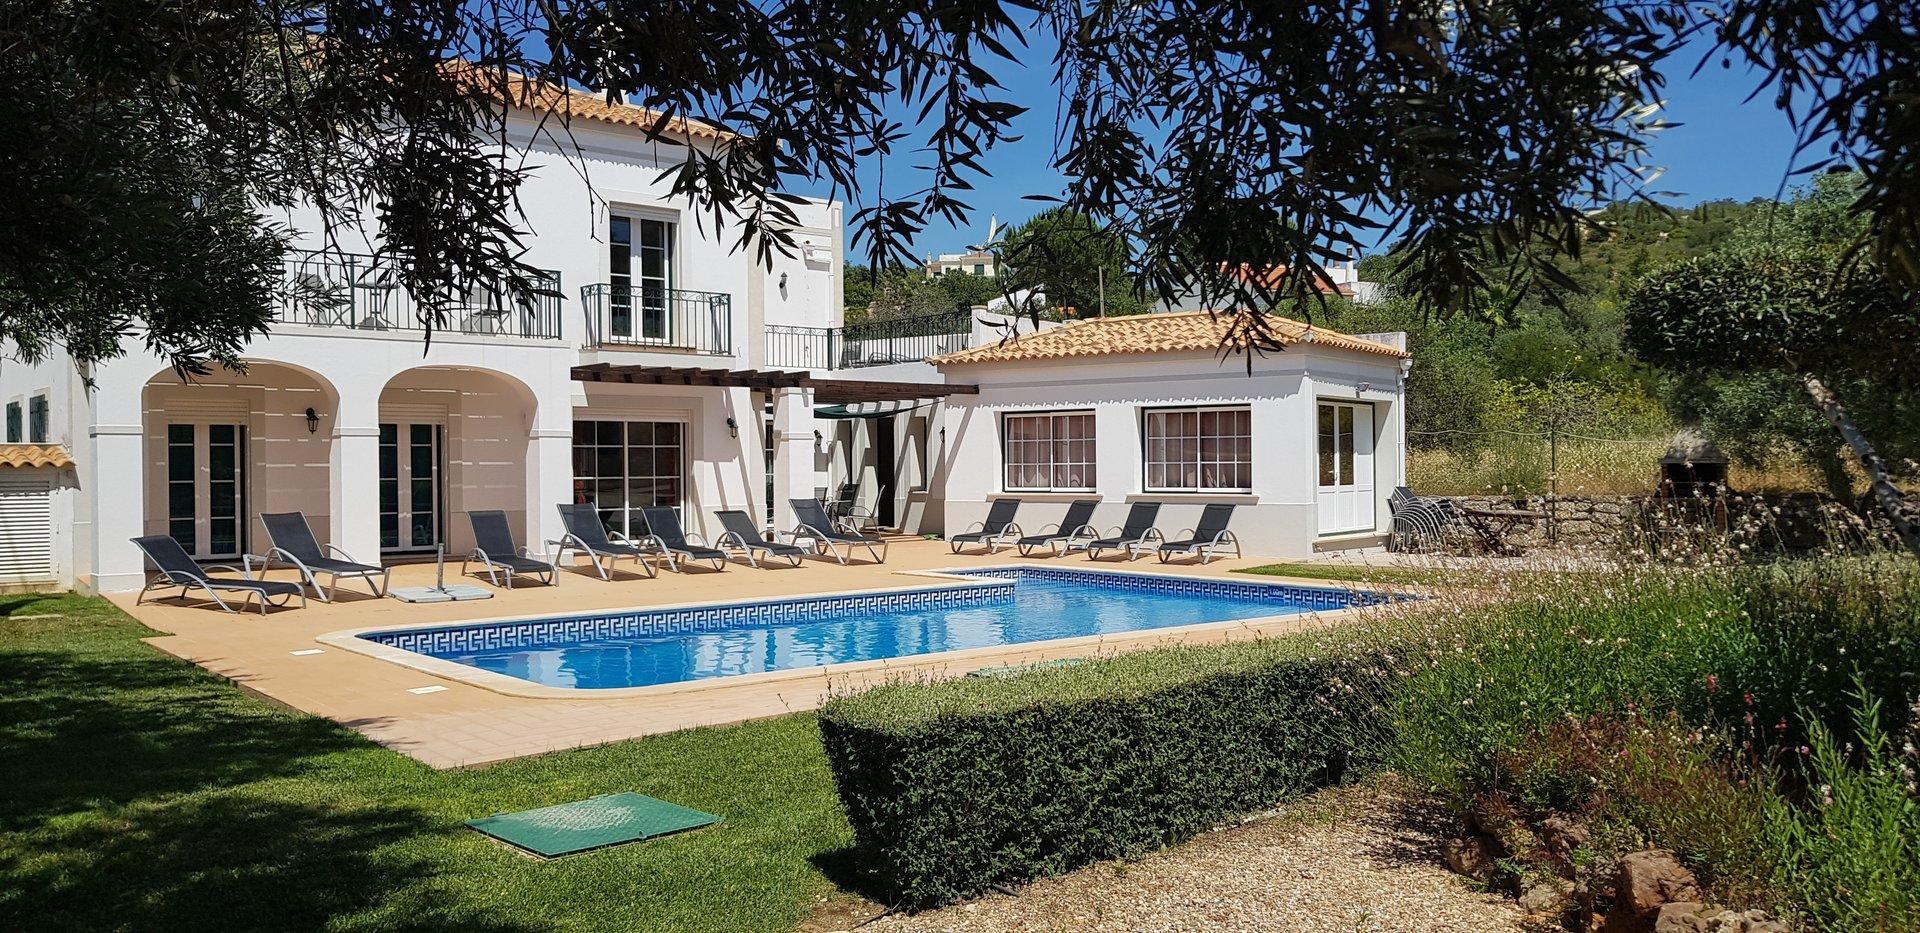 5 Bedroom Villa Santa Barbara de Nexe, Central Algarve Ref: RV5452